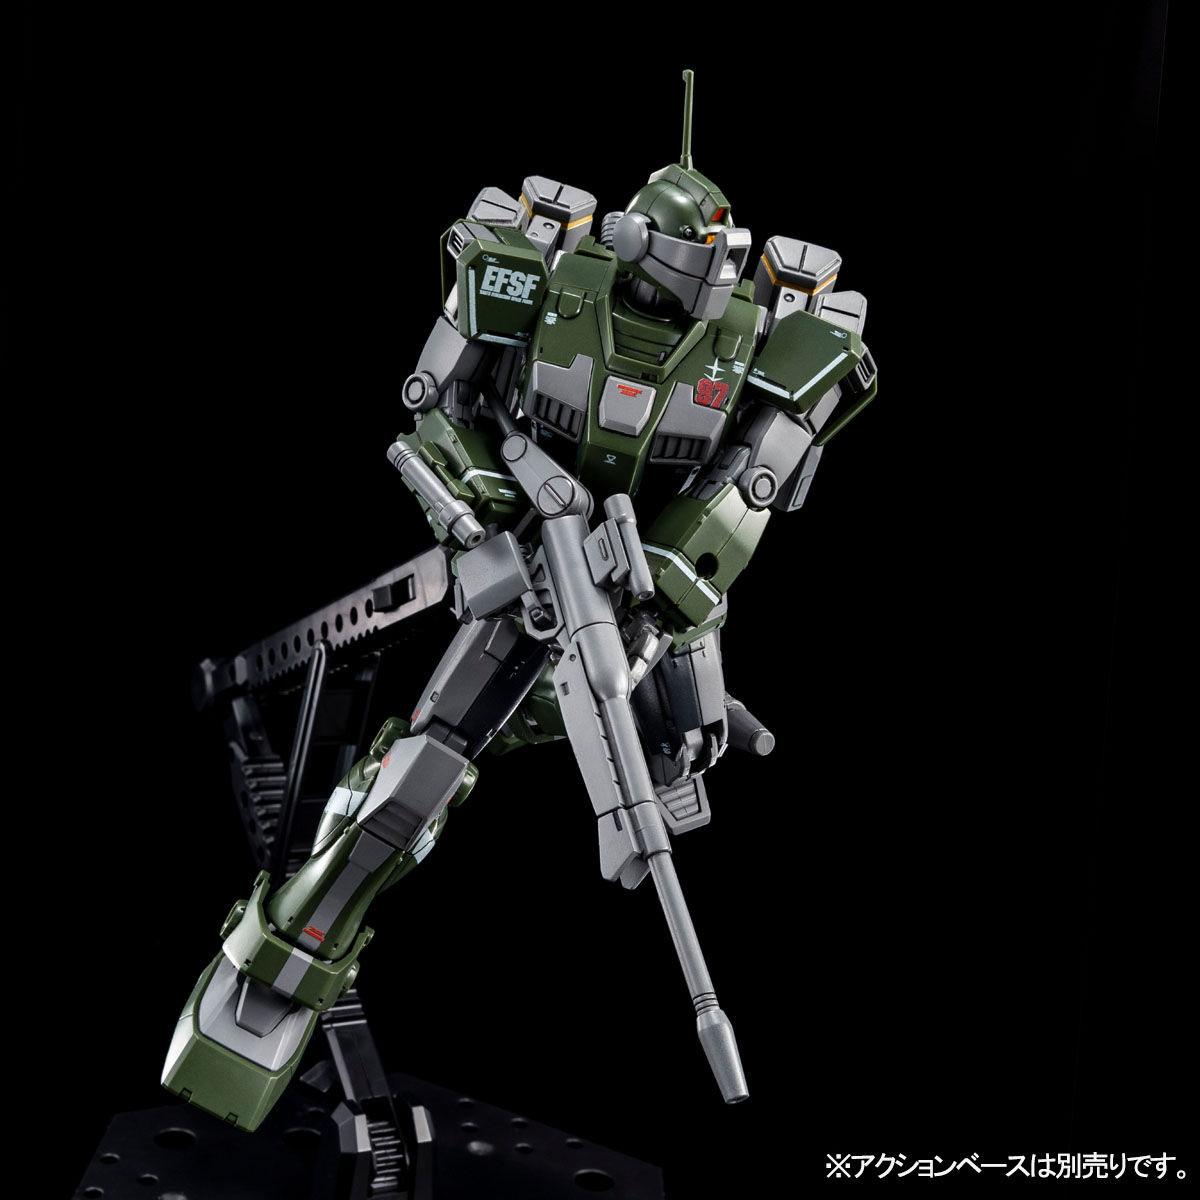 【限定販売】HG 1/144『ジム・スナイパーカスタム(ミサイル・ランチャー装備)』プラモデル-005